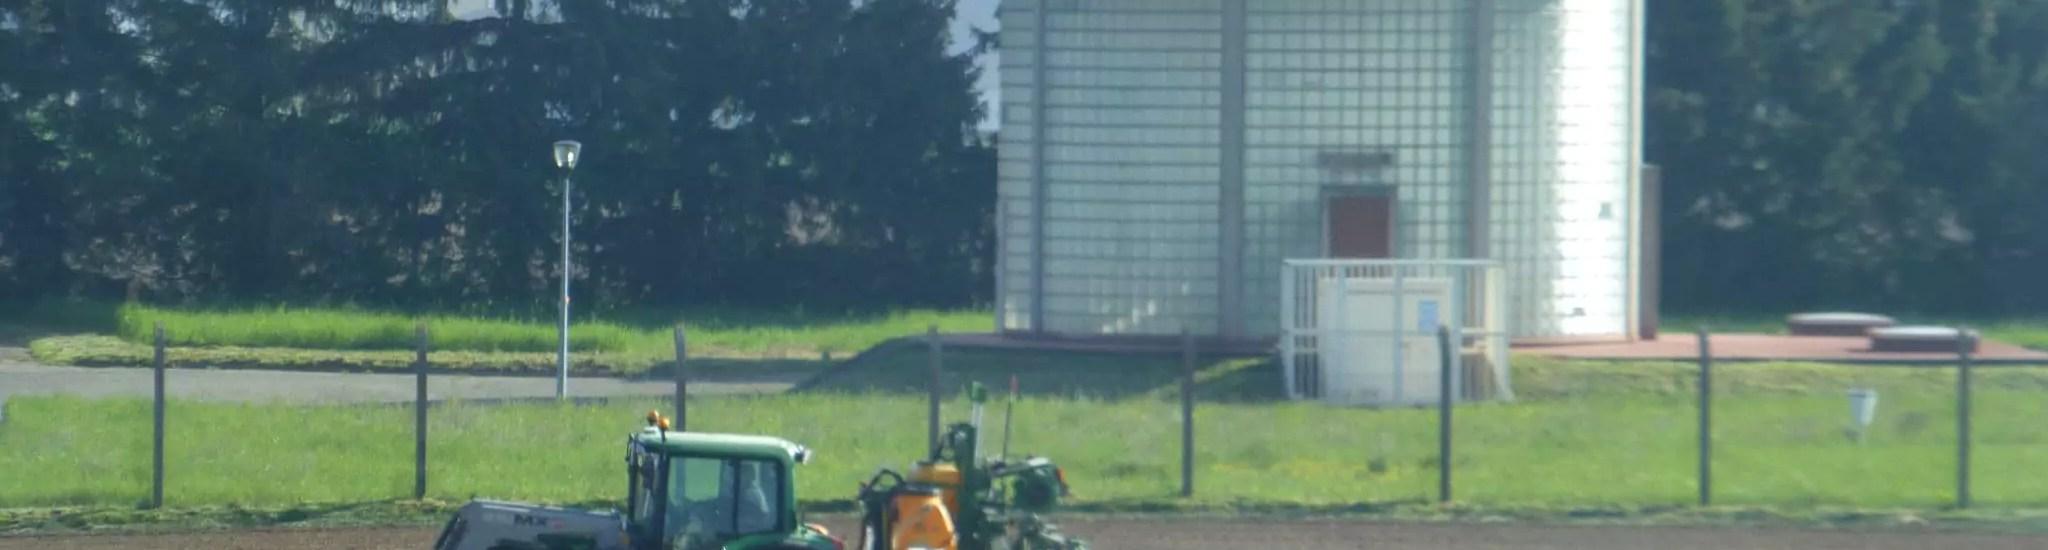 Sur les champs de captage de l'Eurométropole, les pesticides ne sont pas interdits